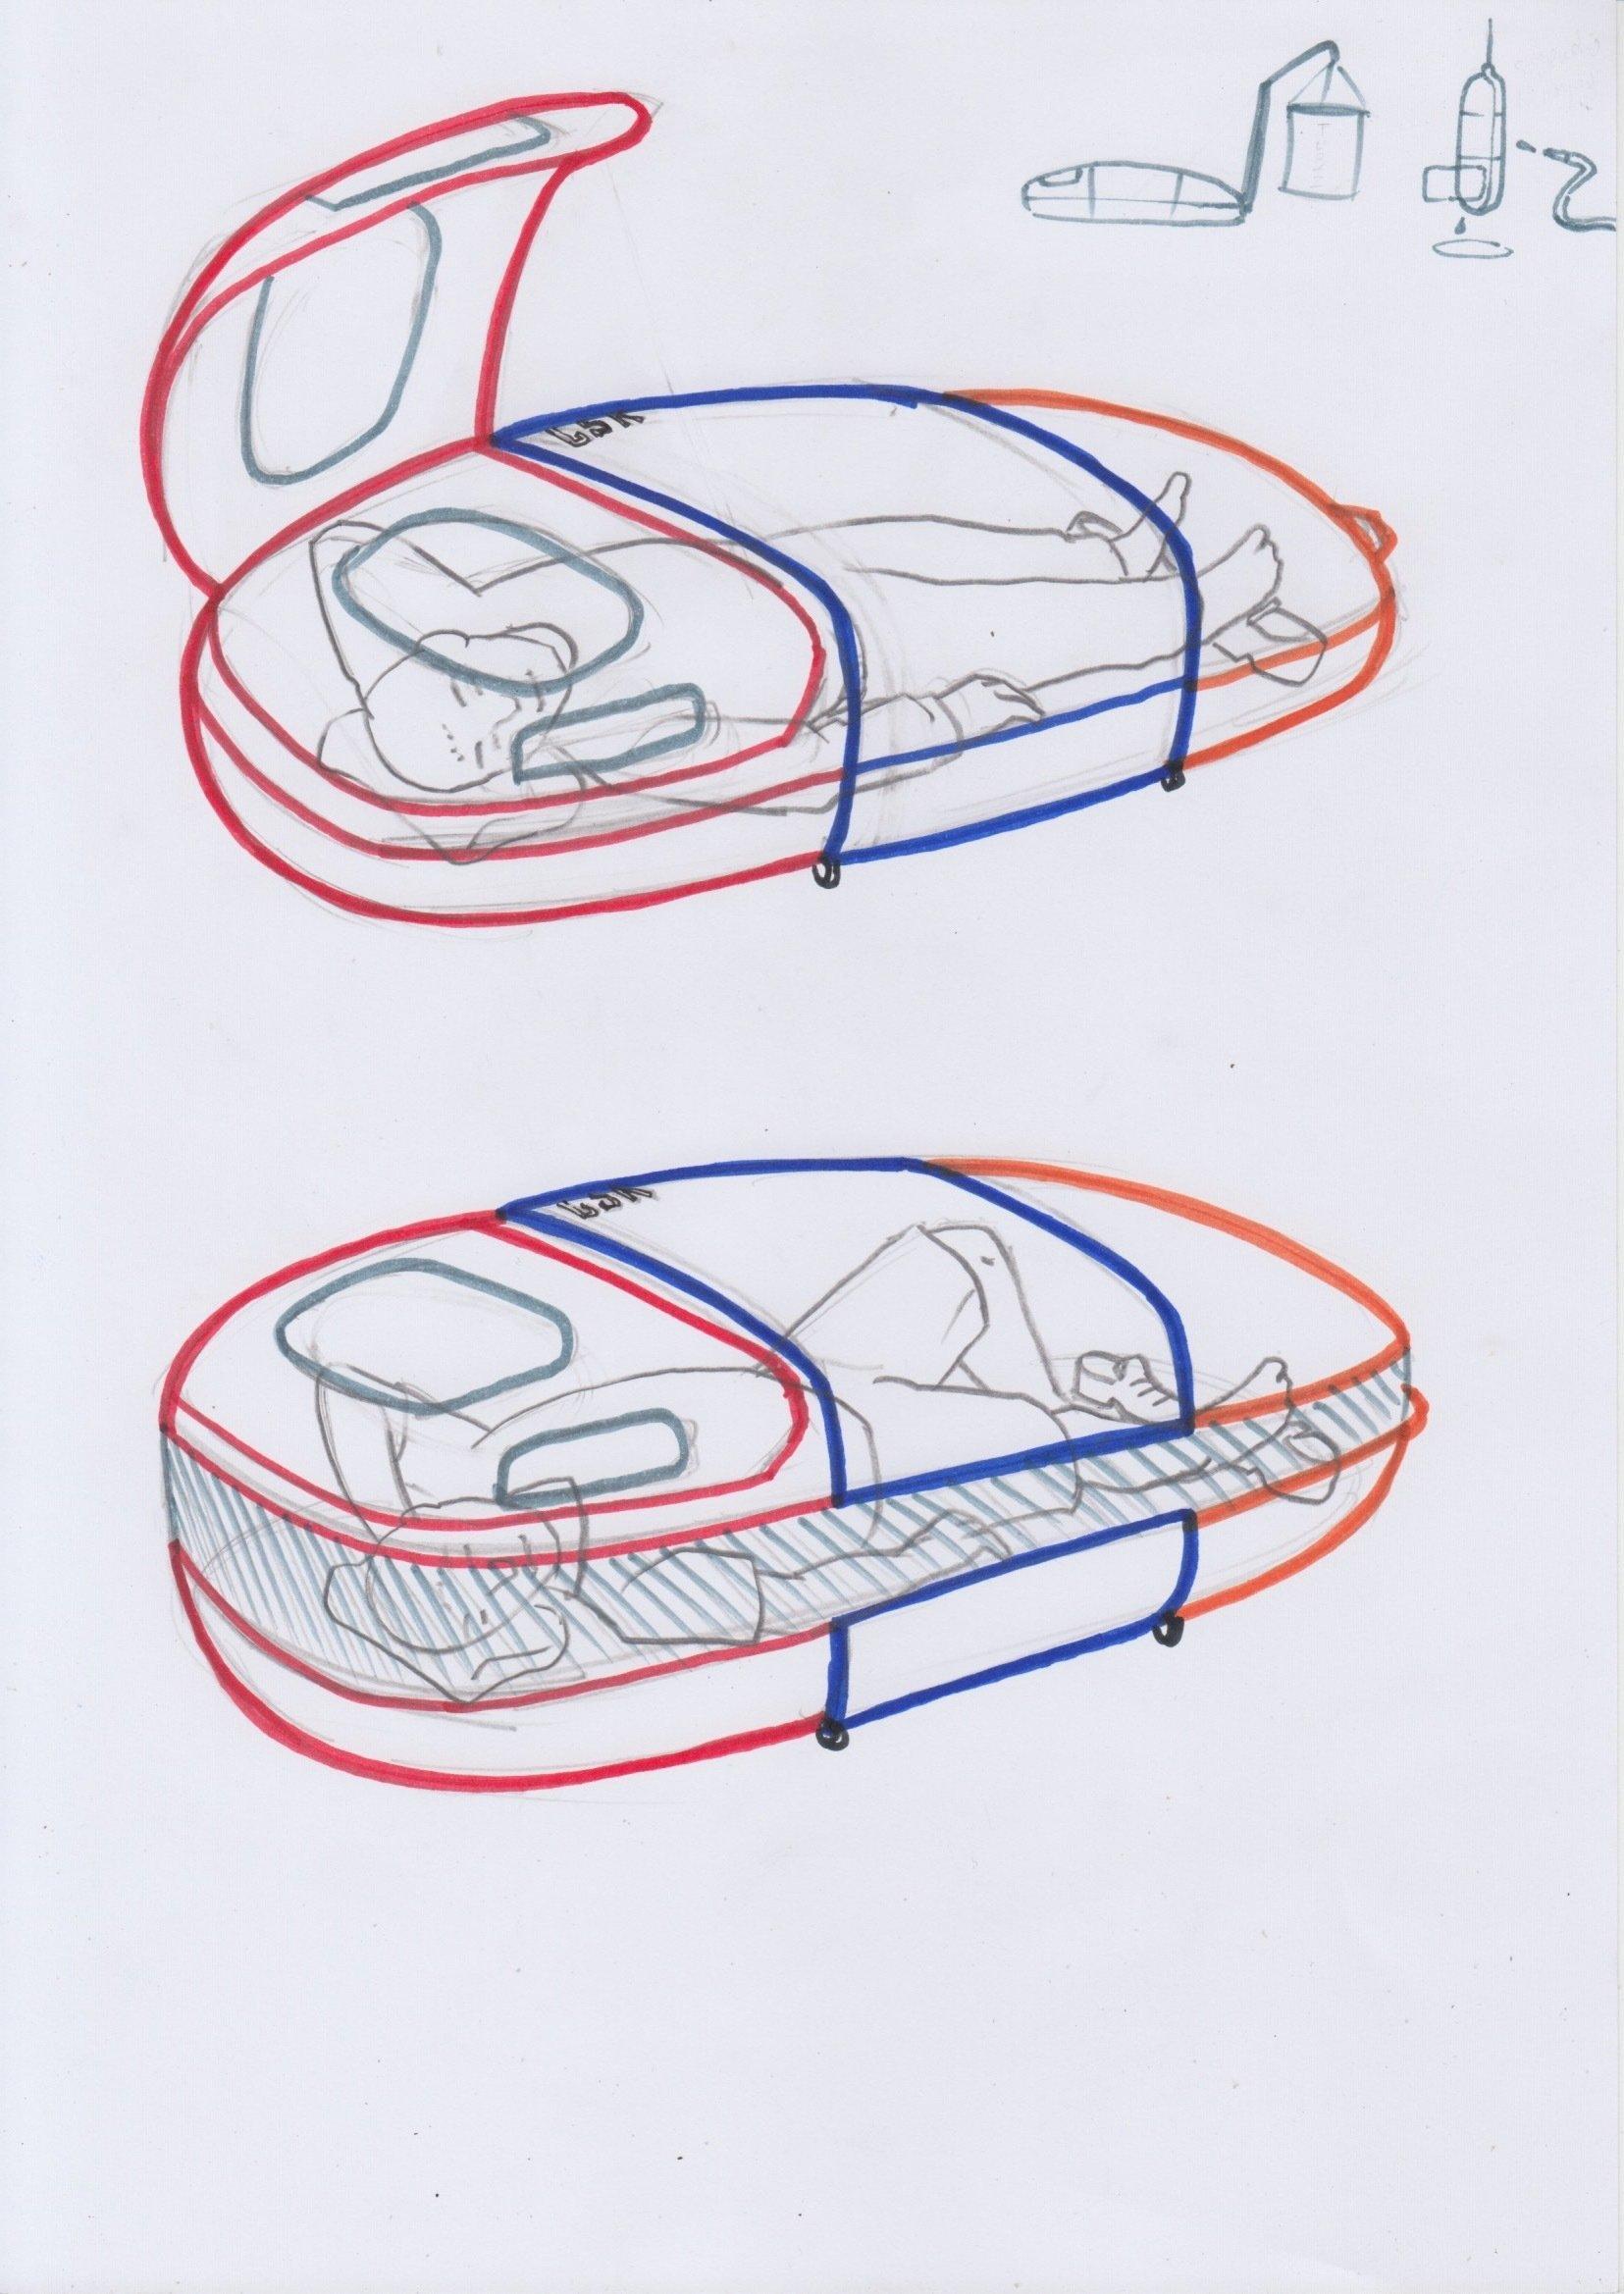 csk03 1540338668.jpeg?resize=1200,630 - Il invente une capsule de sommeil pour dormir dehors, espérant aider les SDF.